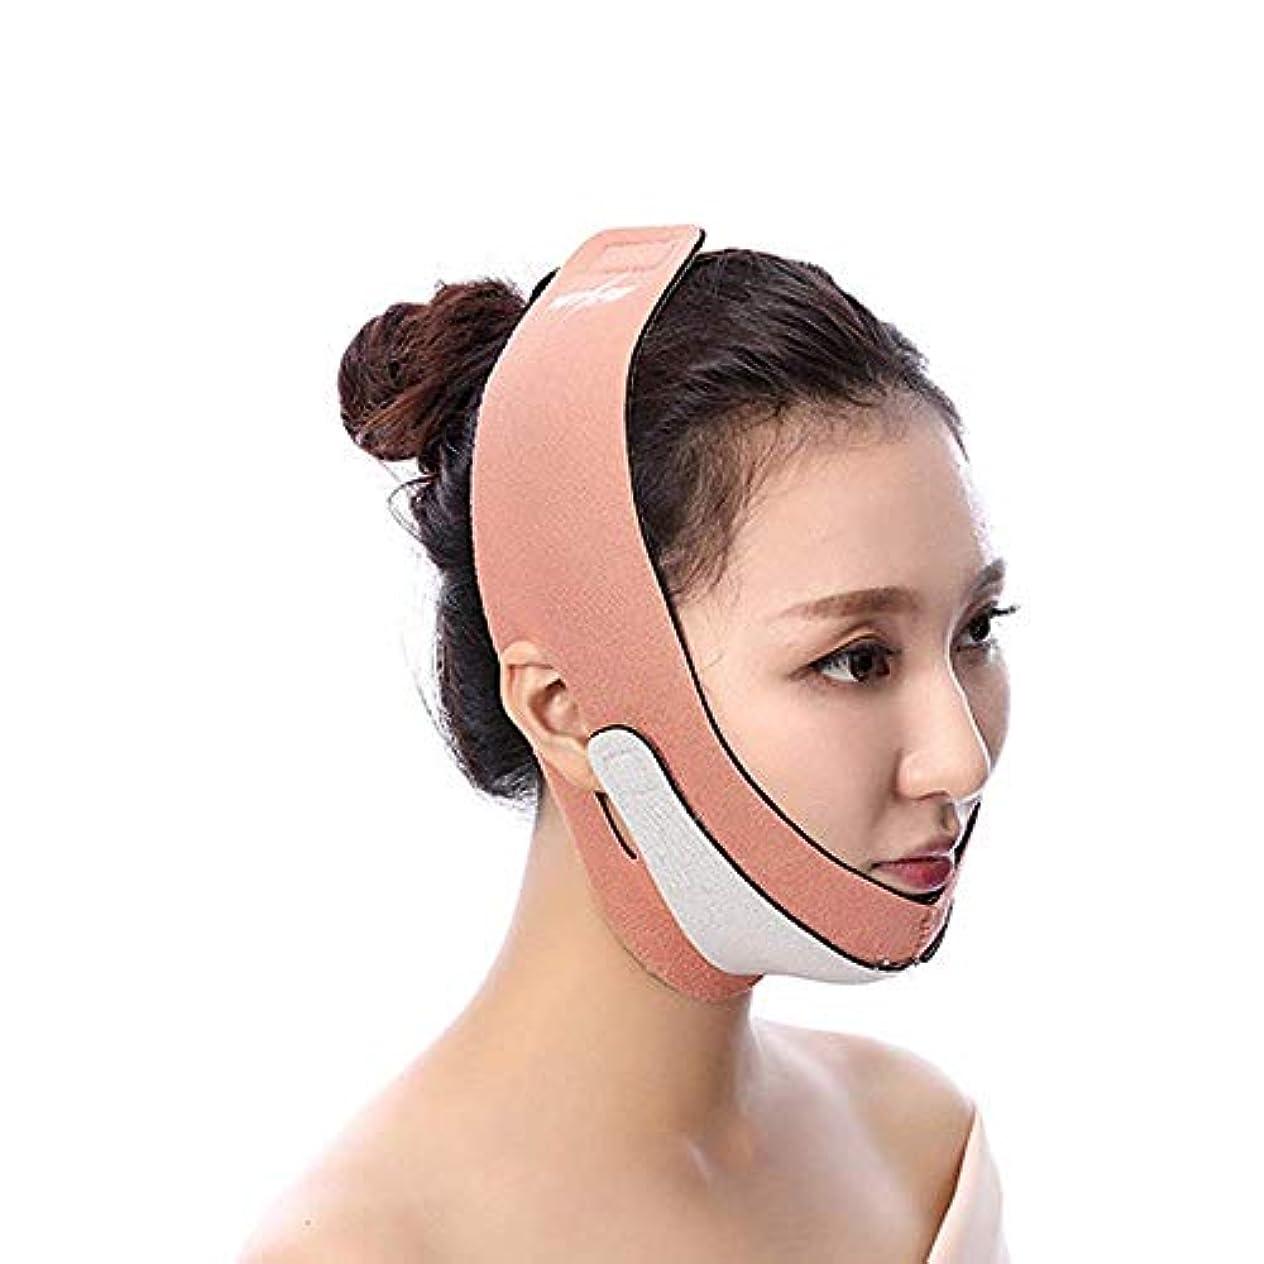 スイッチ過去占める薄型フェイスマスク、フェイスリフティングに最適、フェイスバンドを持ち上げてスキン包帯を引き締める、チークチンリフティング、スキン包帯を引き締める(フリーサイズ)(カラー:オレンジ),オレンジ